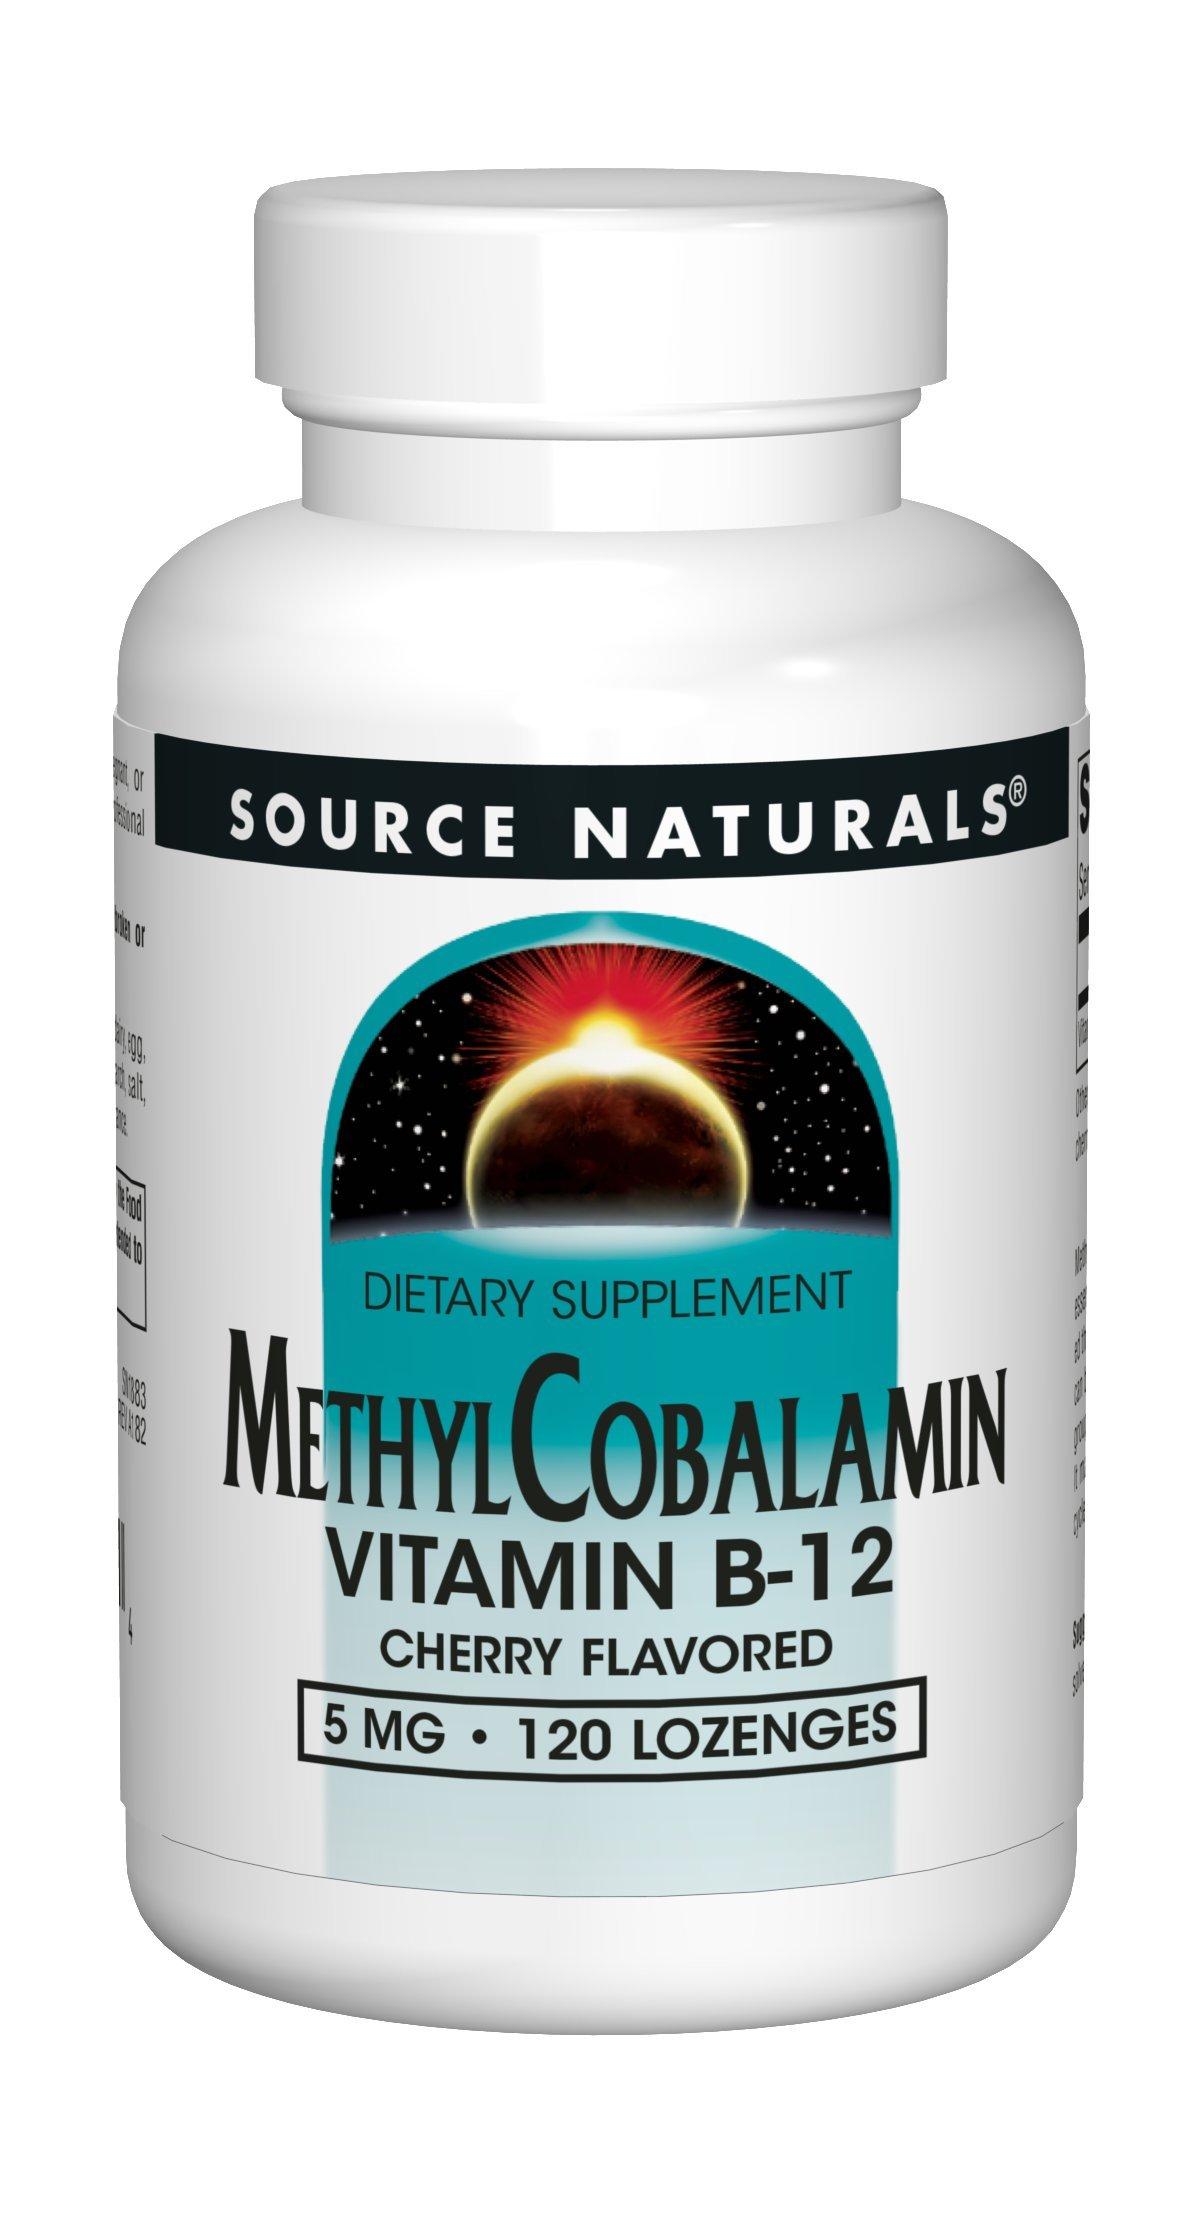 Source Naturals Methylcobalamin Vitamin B-12 5mg Cherry Flavored - 120 Tablets